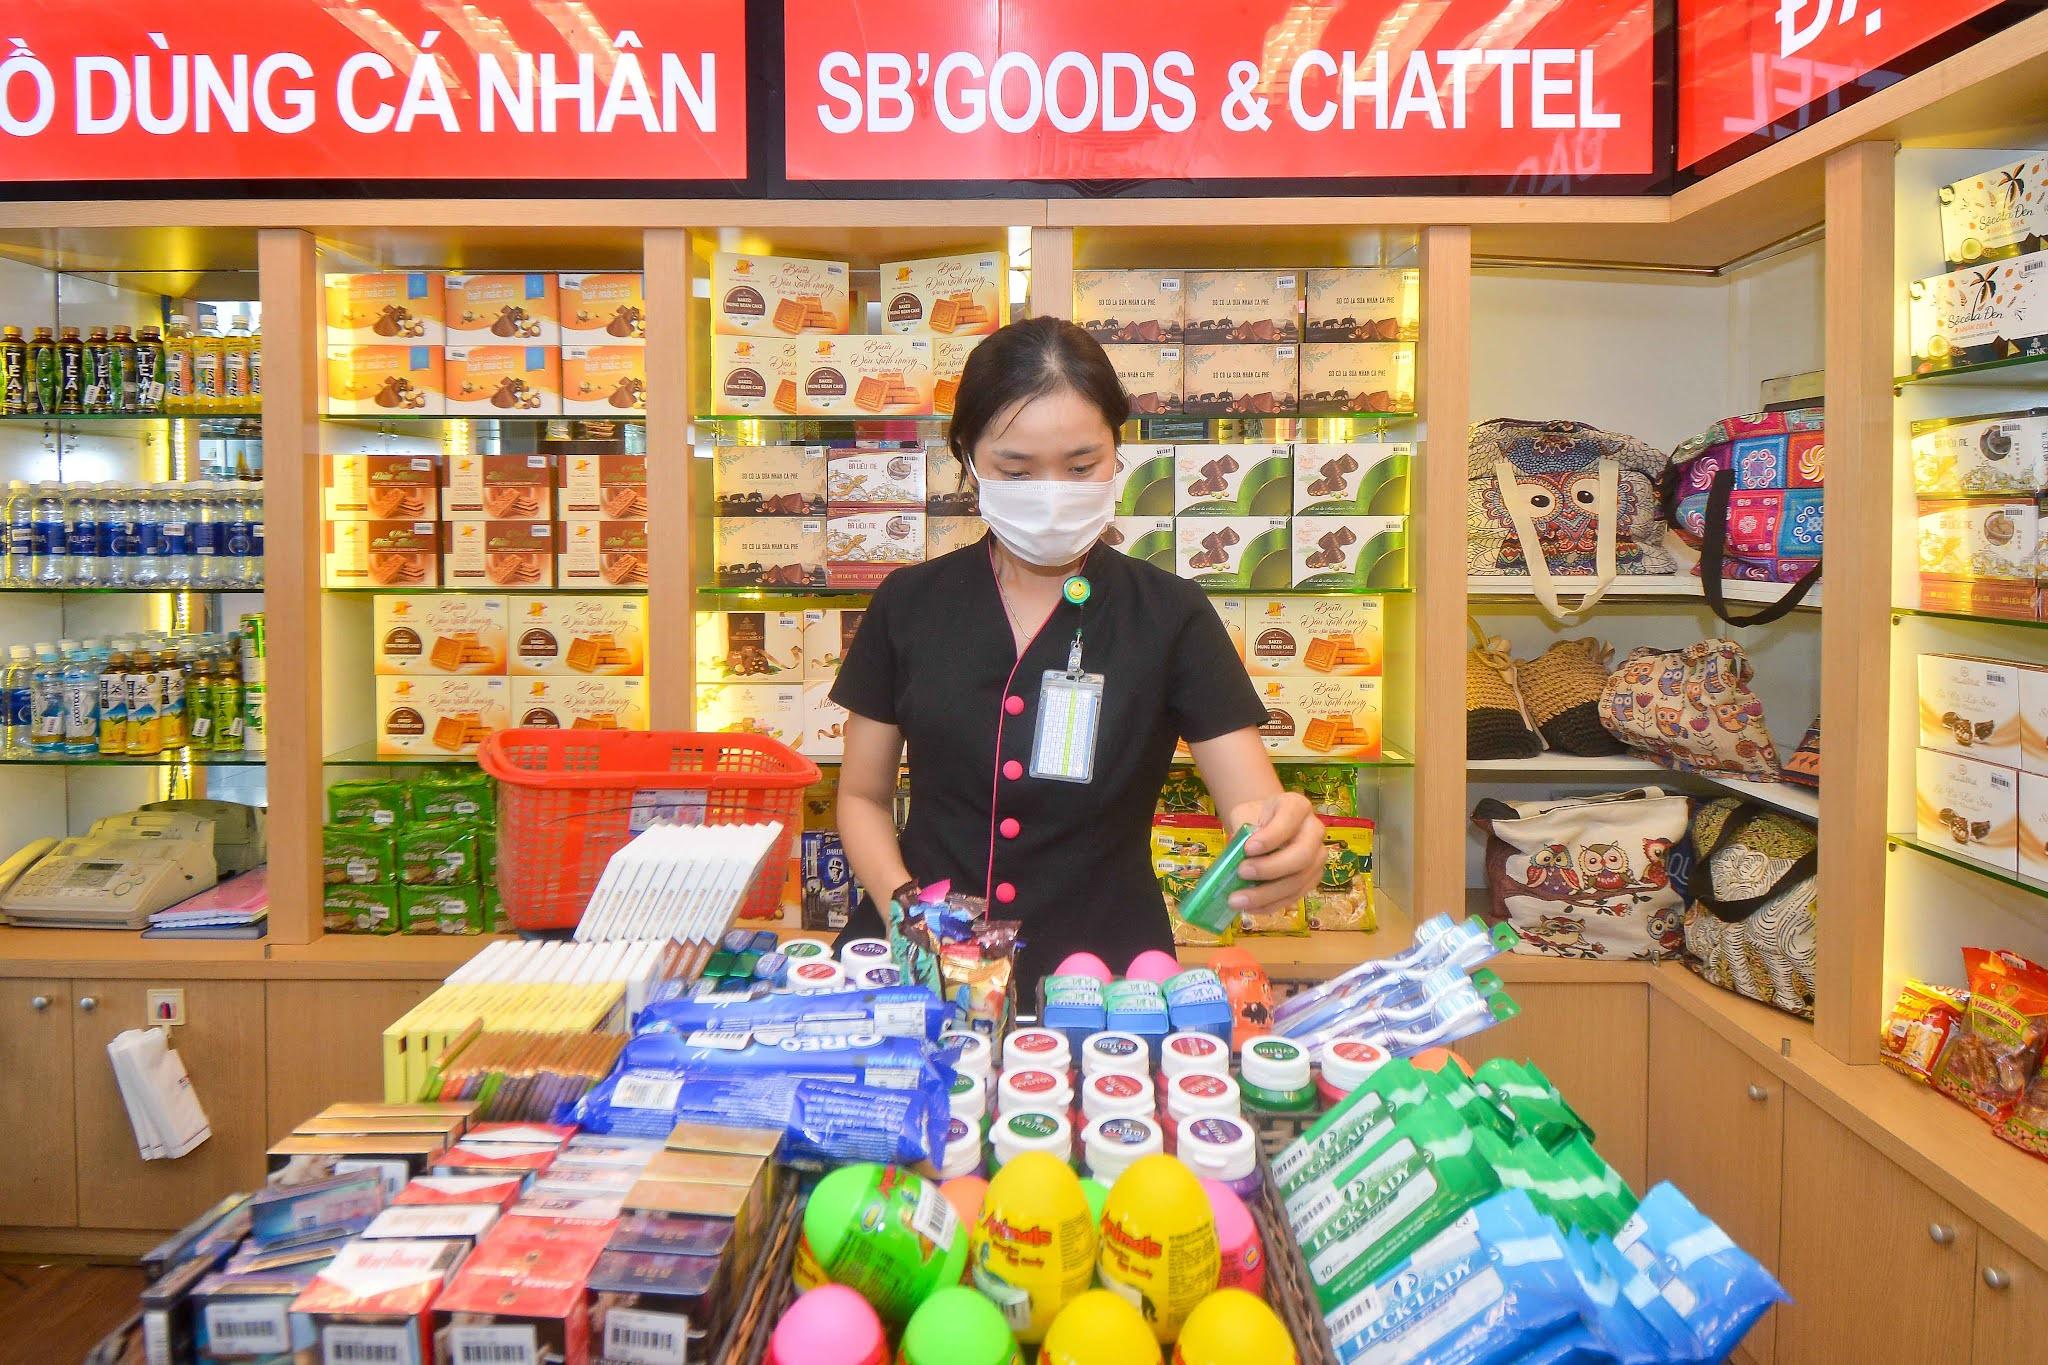 Siêu thị - Hệ thống cơ sở kinh doanh dịch vụ thiết yếu tại Đà Nẵng